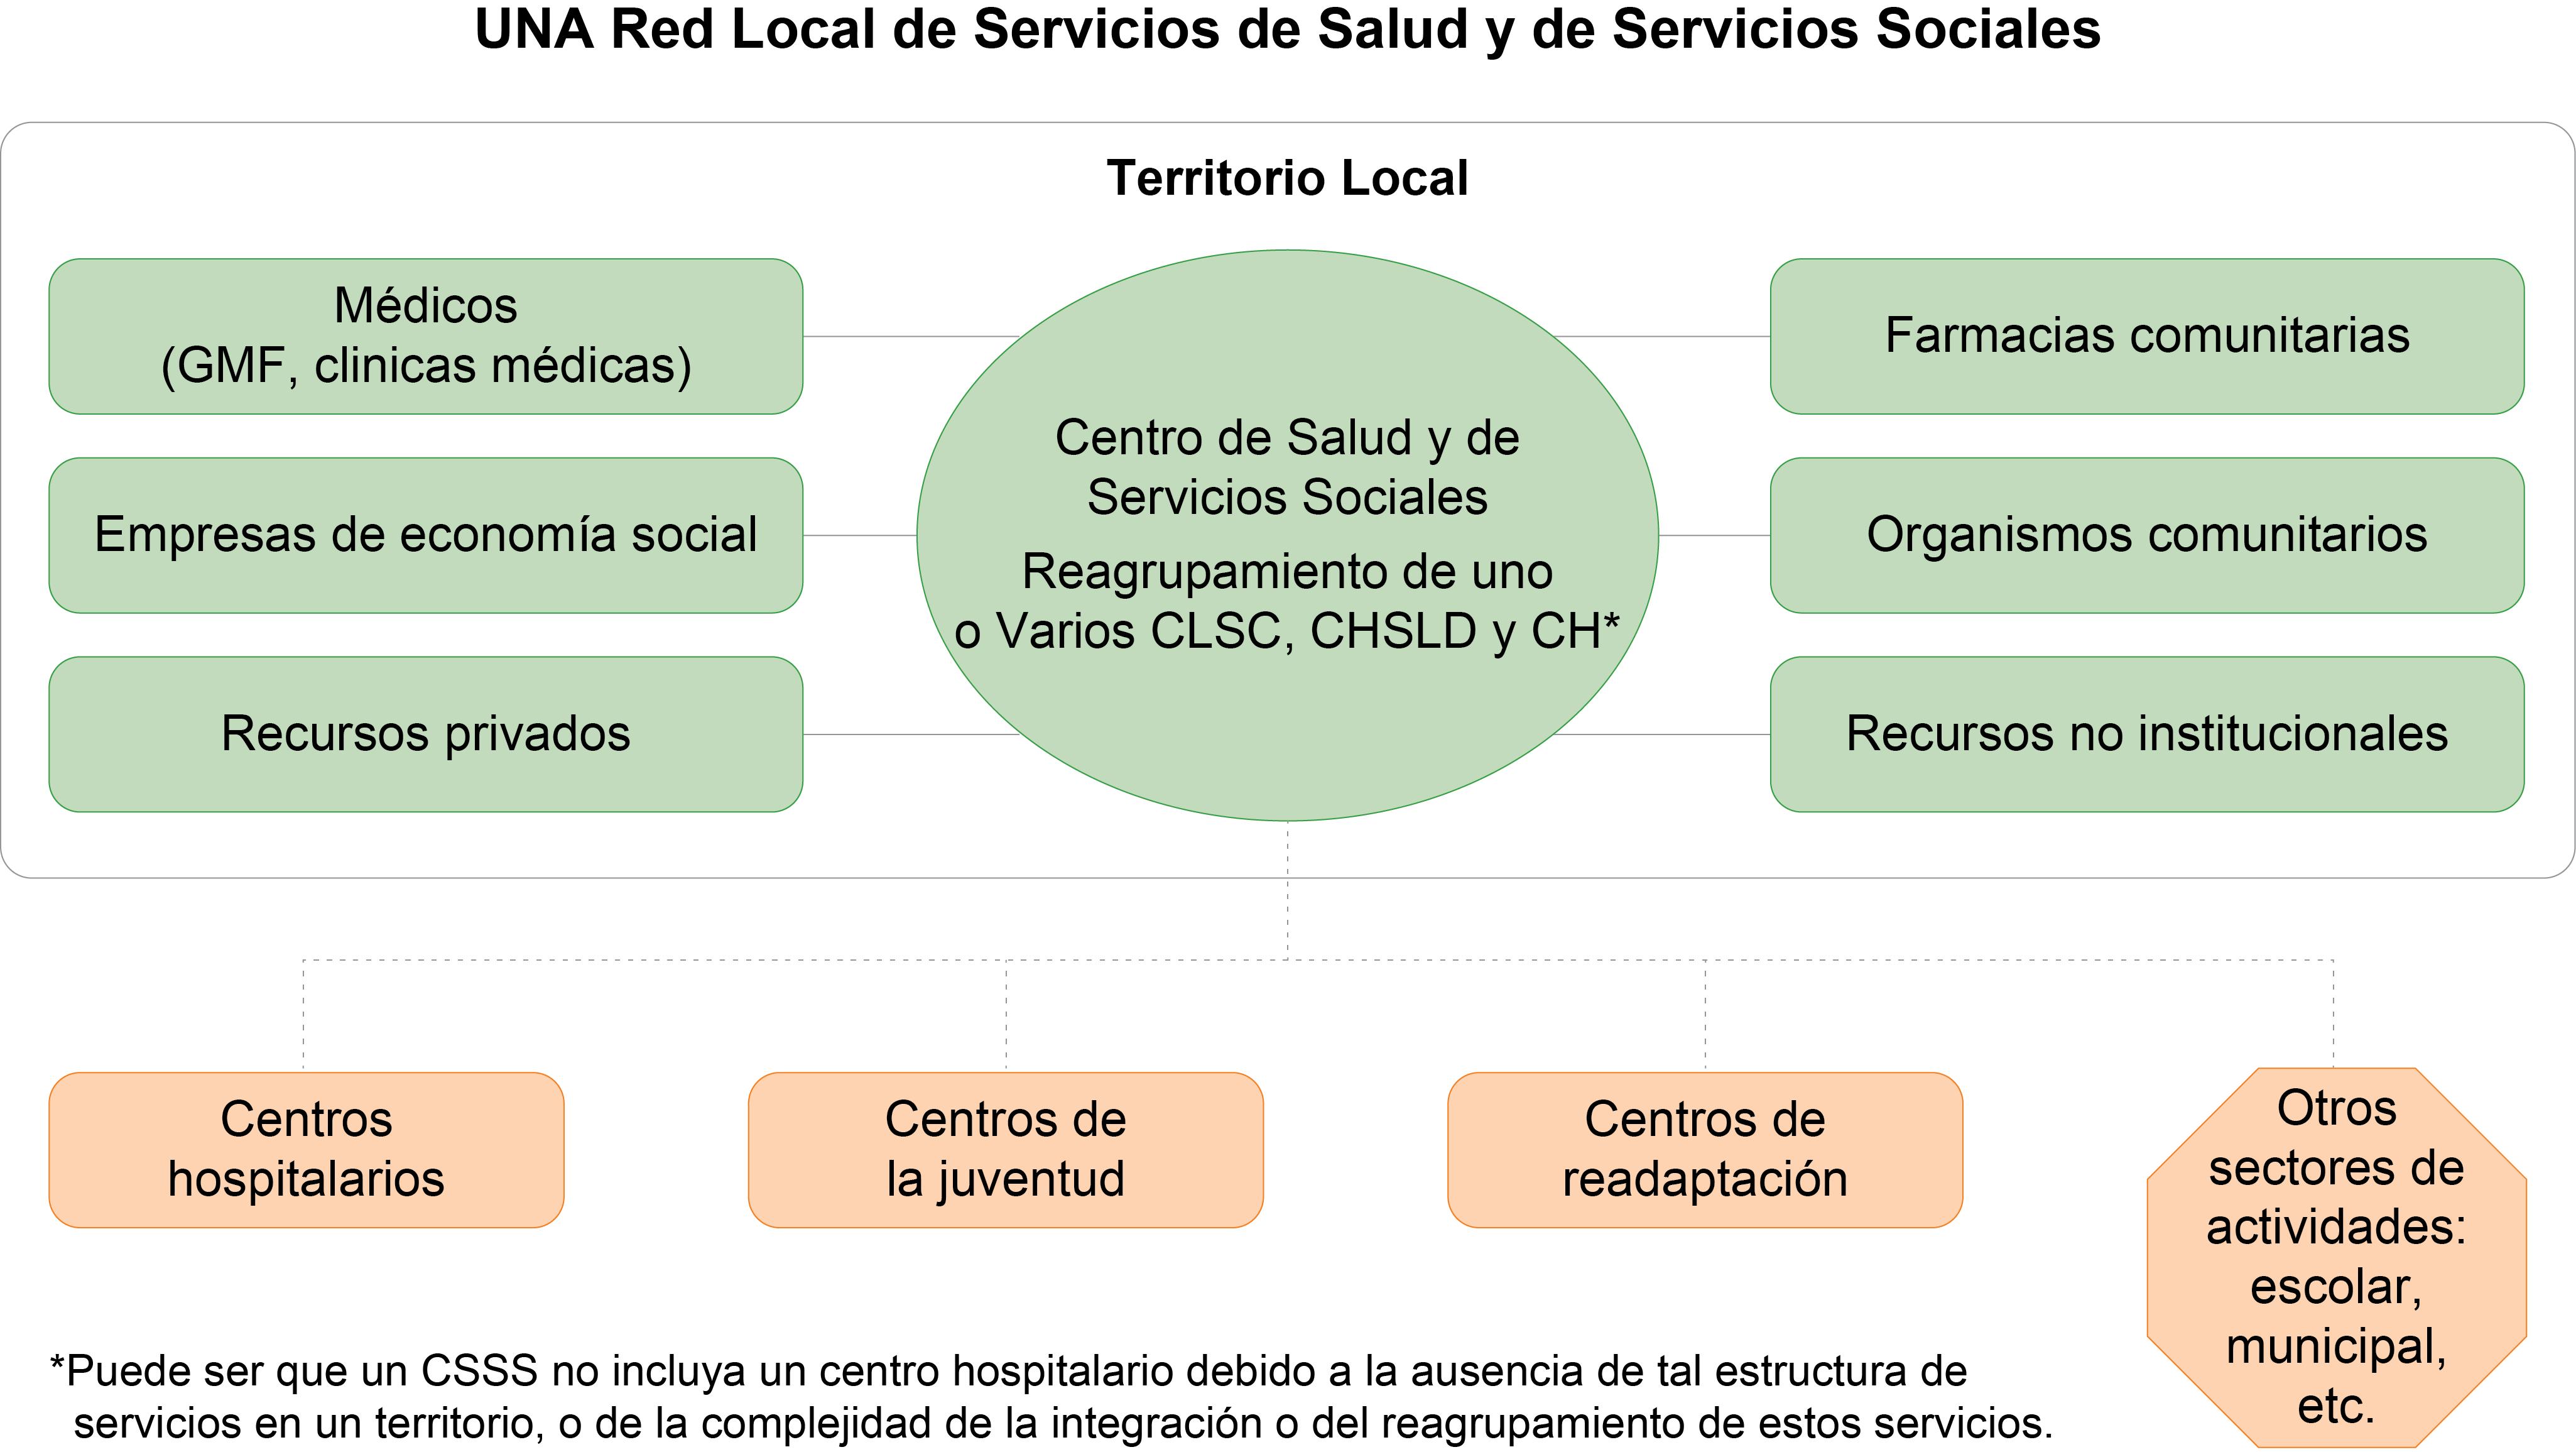 Acceso a servicios de salud integrales, equitativos y de calidad